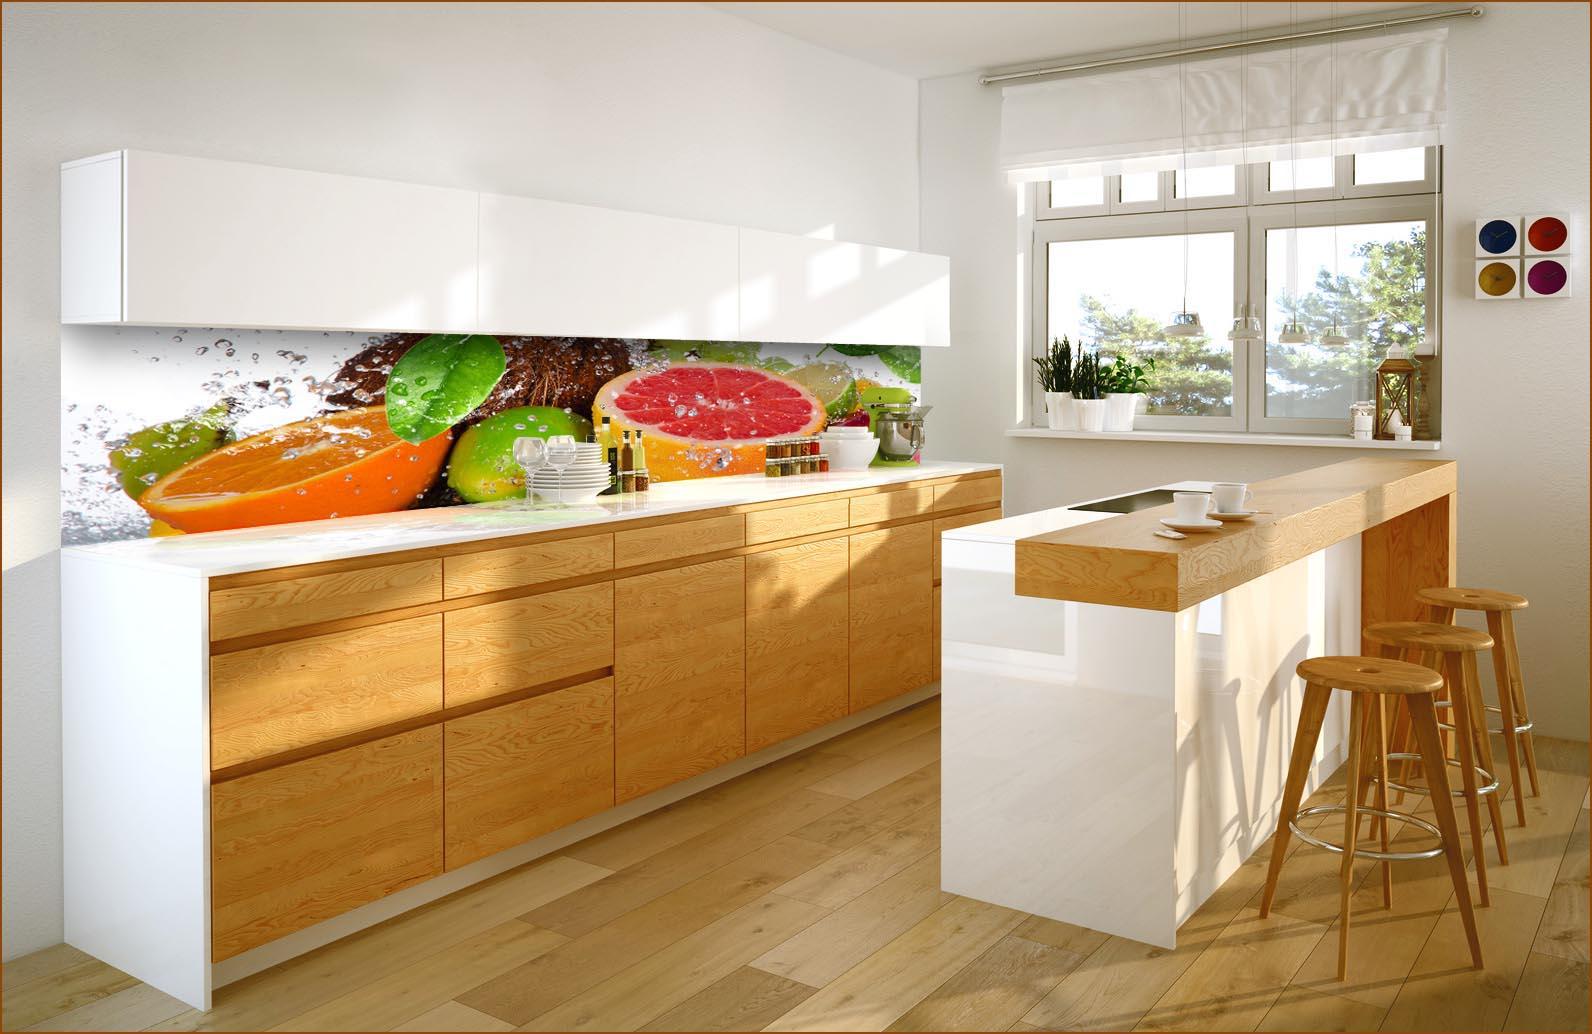 Fototapety Samoprzylepne • Grafdeco Premium -> Tapeta Samoprzylepna Kuchnia